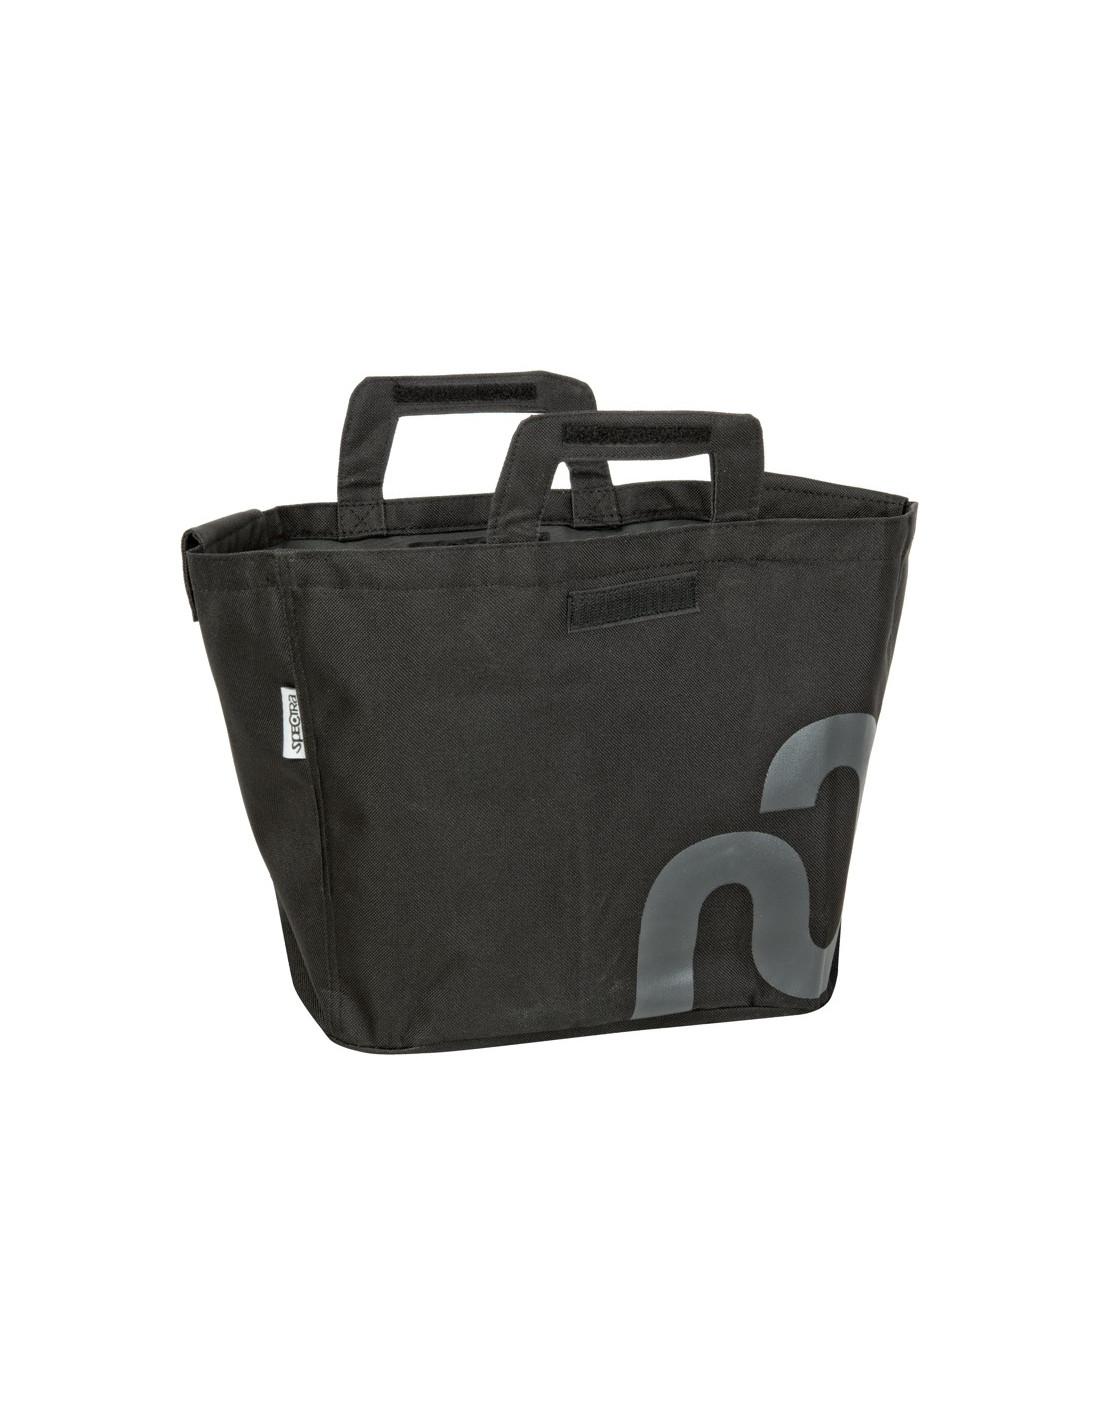 Väska för randig aluminium korg spectra - Staffanstorps Cykelaffär AB 5e1e9b8711d5b